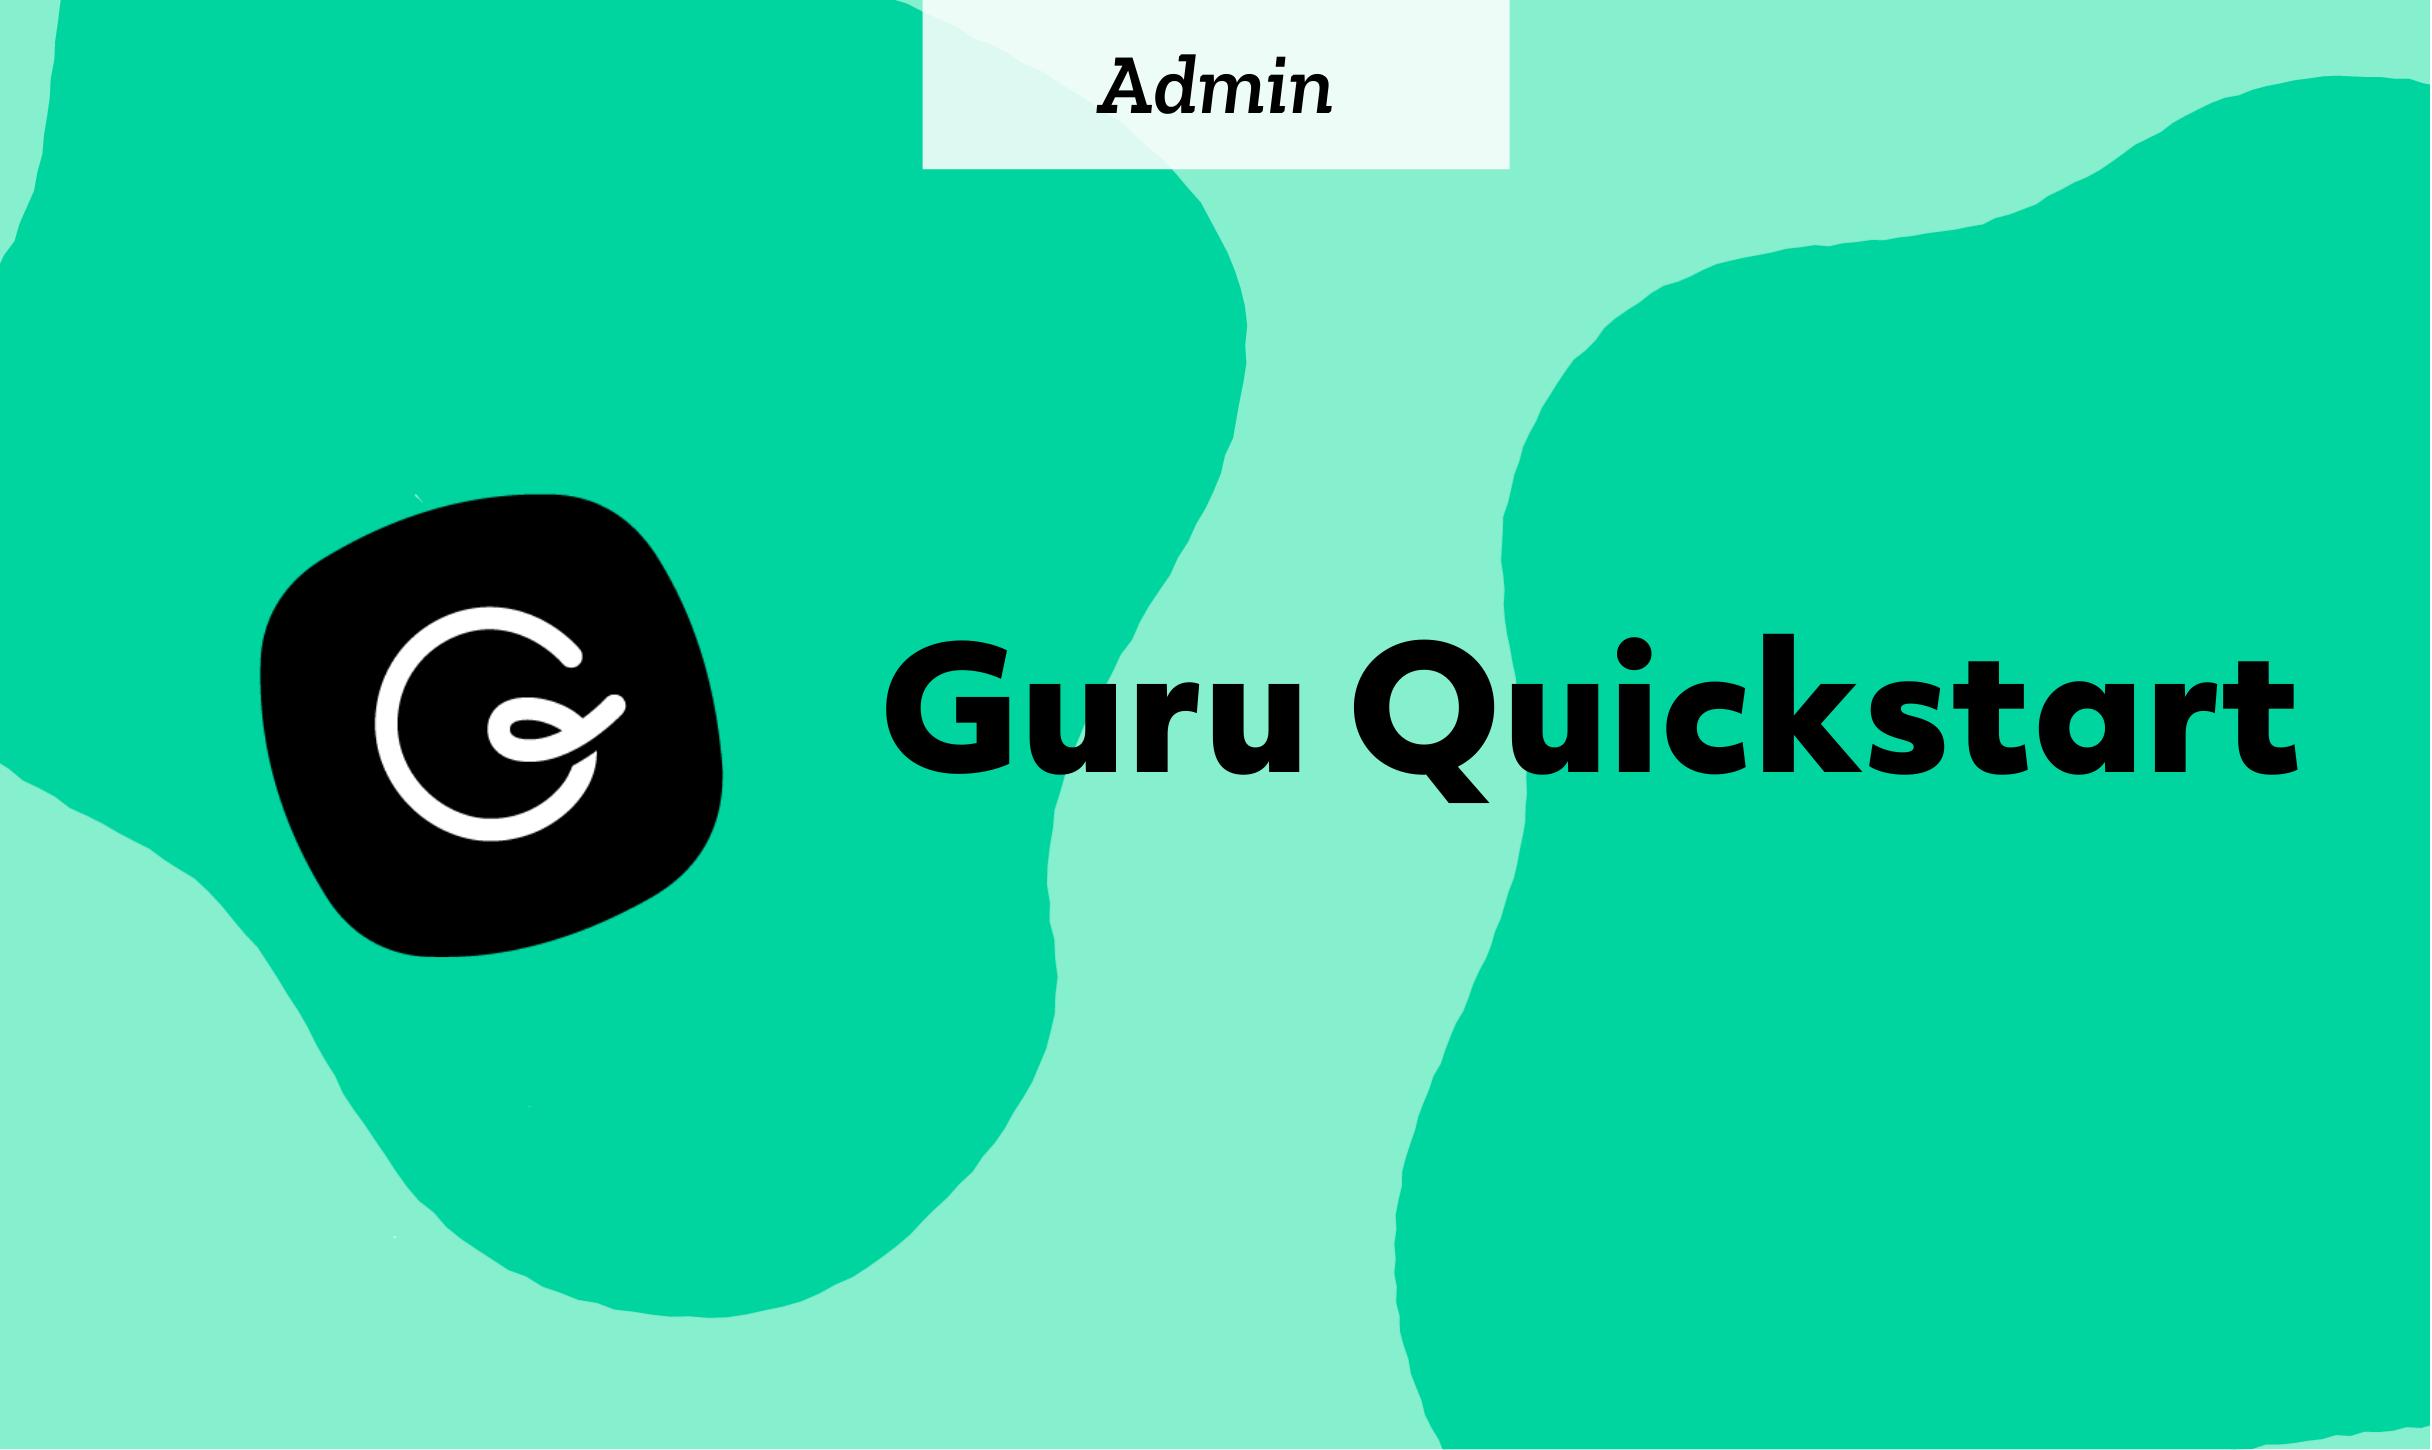 Admin: Guru Quickstart